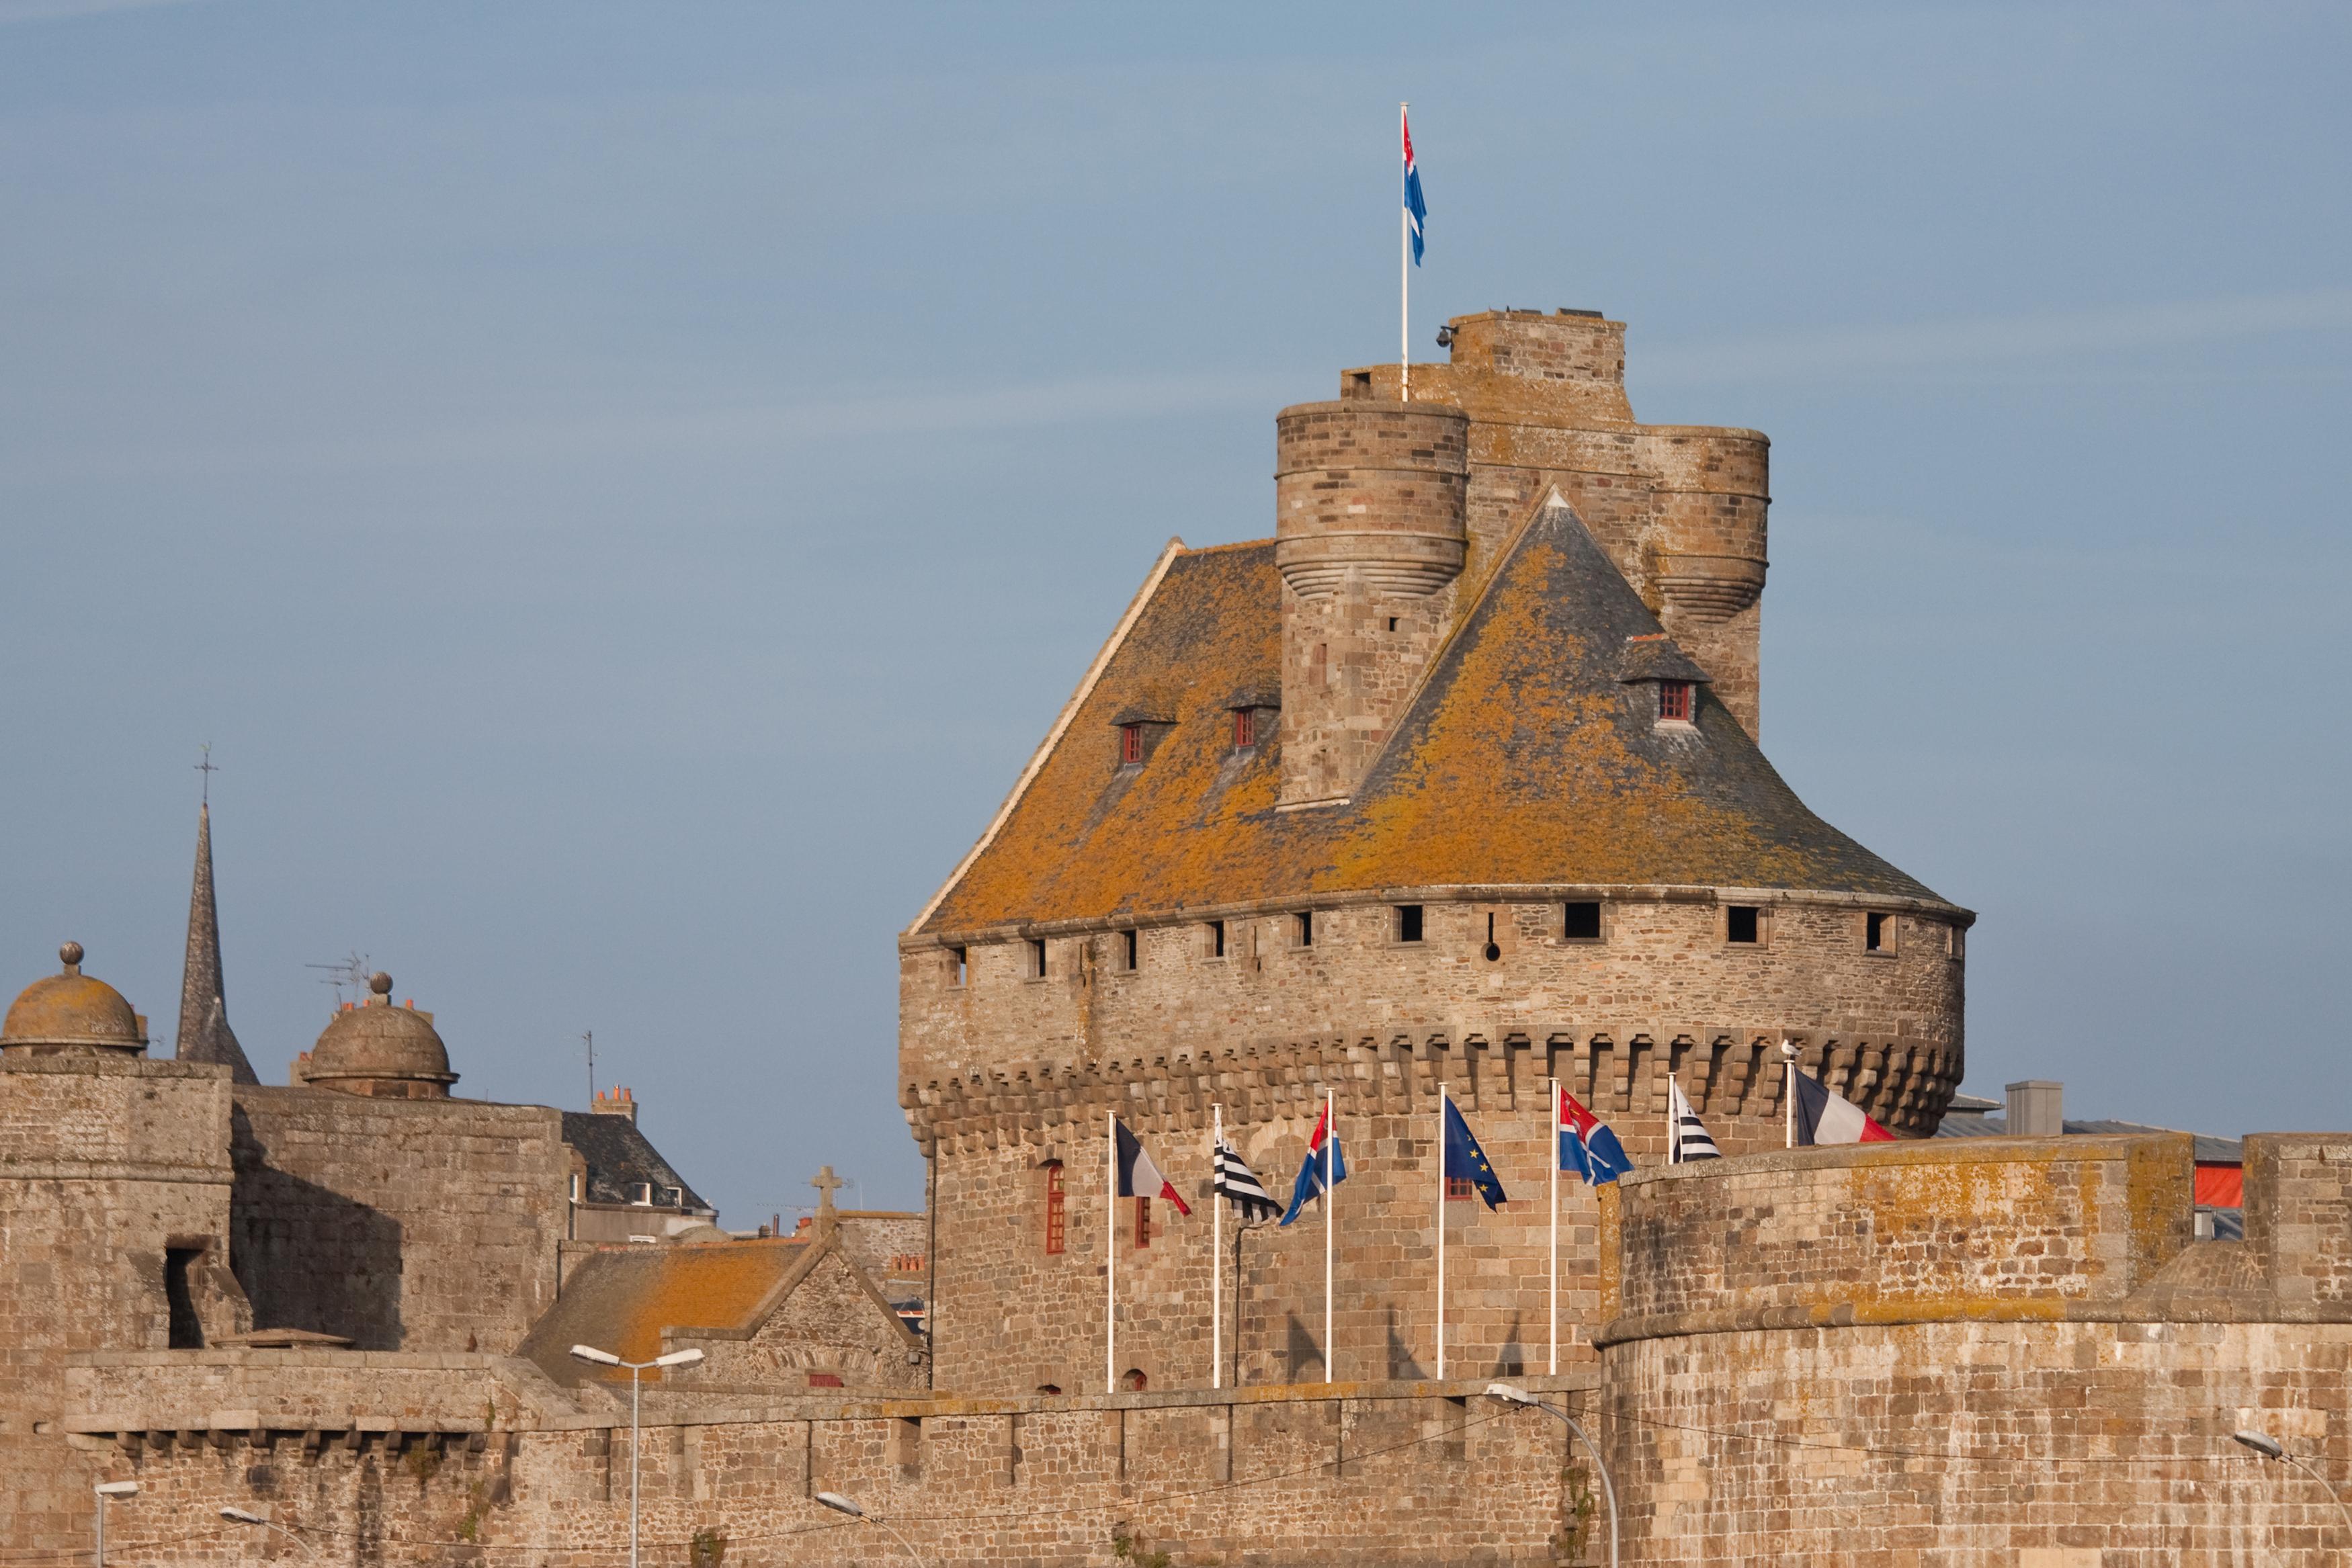 Relativ Gut Zu Erkennen Sind Auf Dem Grossen Foto Die Beiden Schwarz Weissen Flaggen Der Region Bretagne